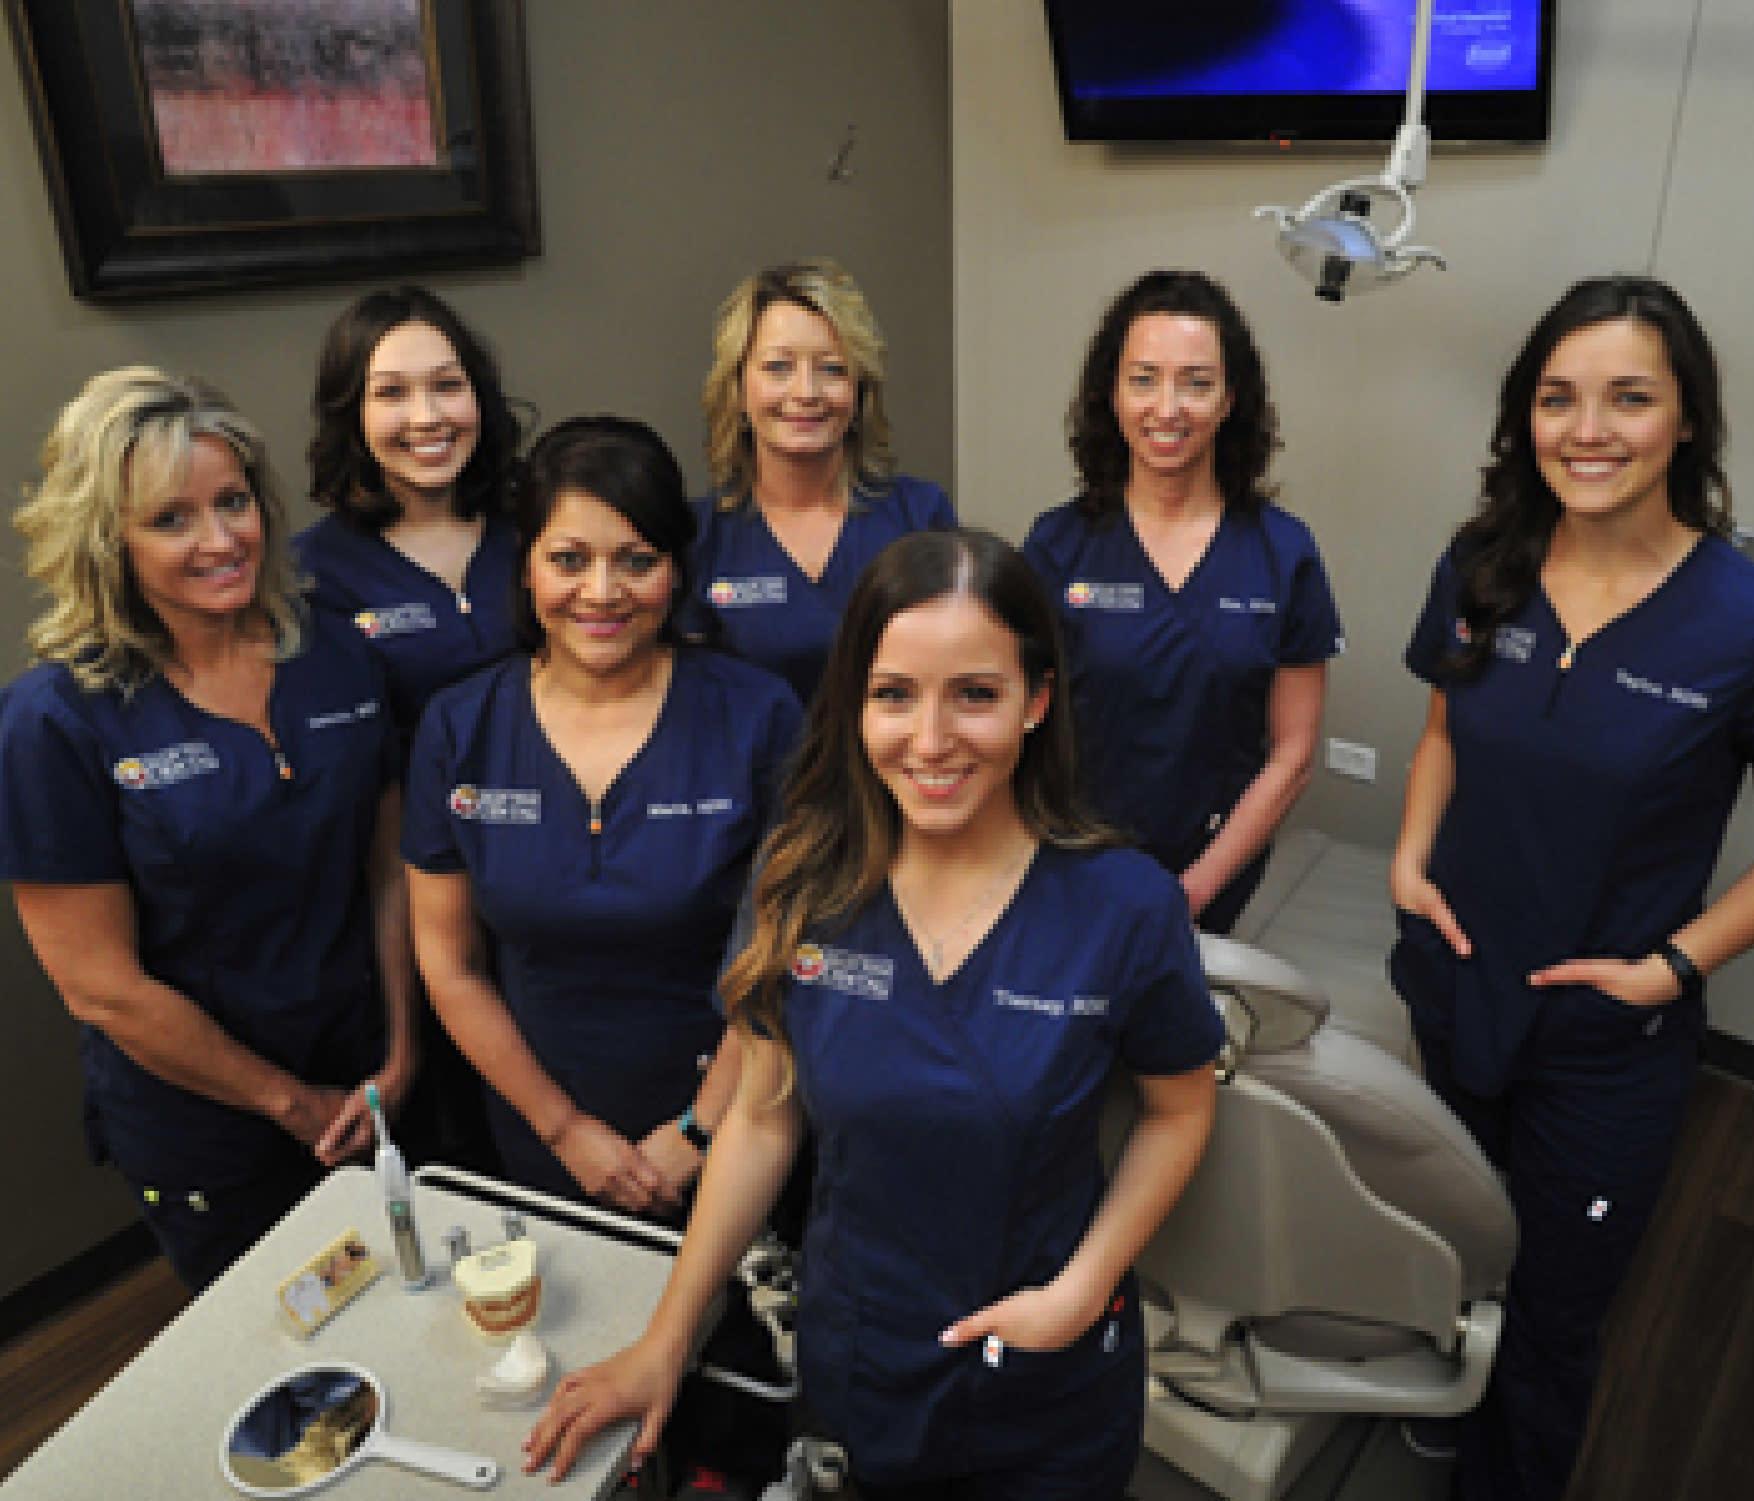 Valley View Dental Hygiene Team